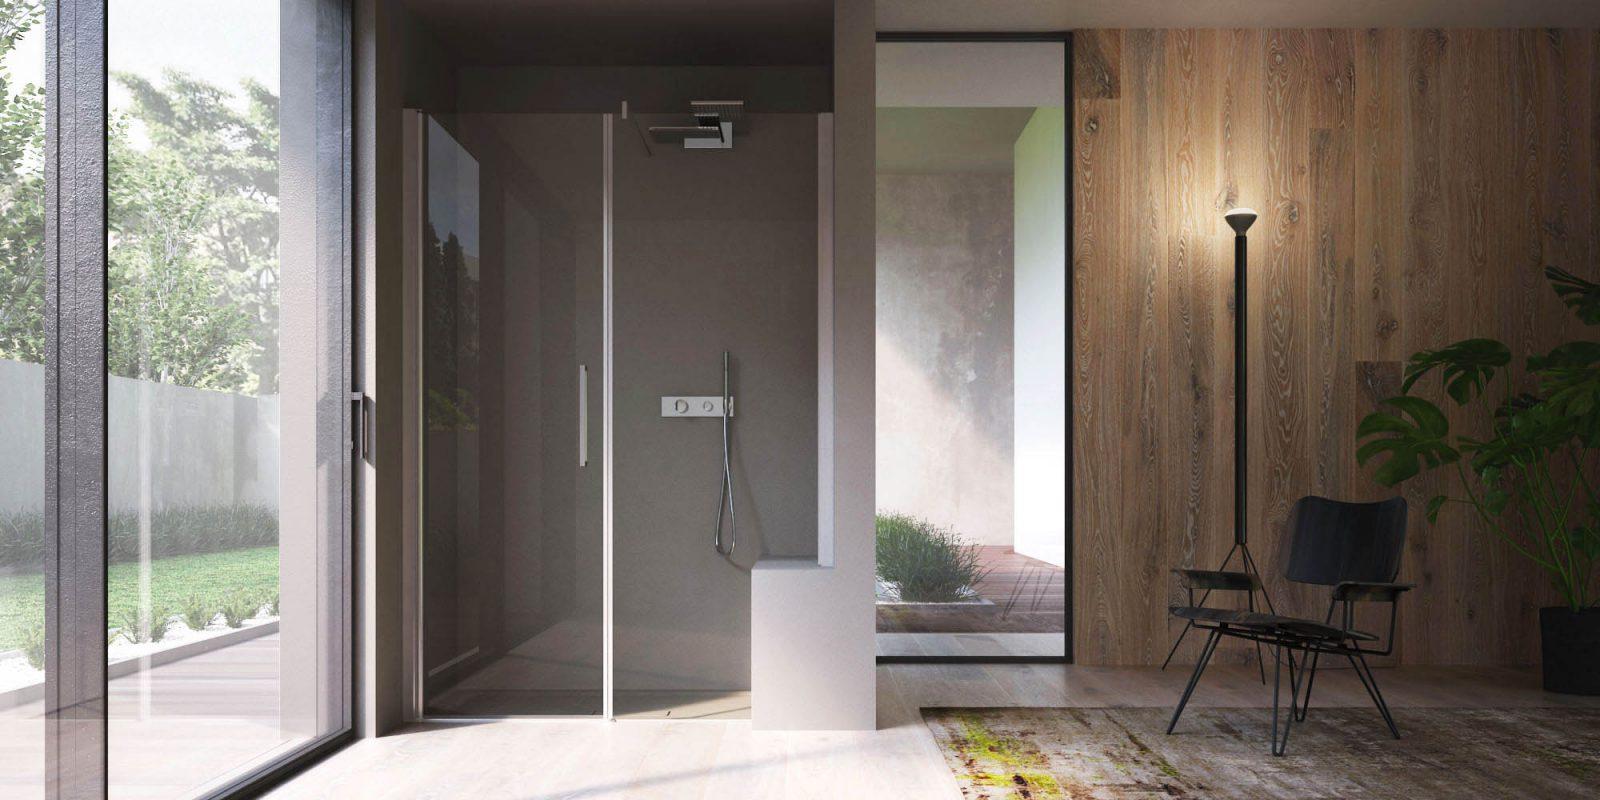 Box doccia piatti doccia vasche e accessori per docce disenia - Cabine doccia su misura ...